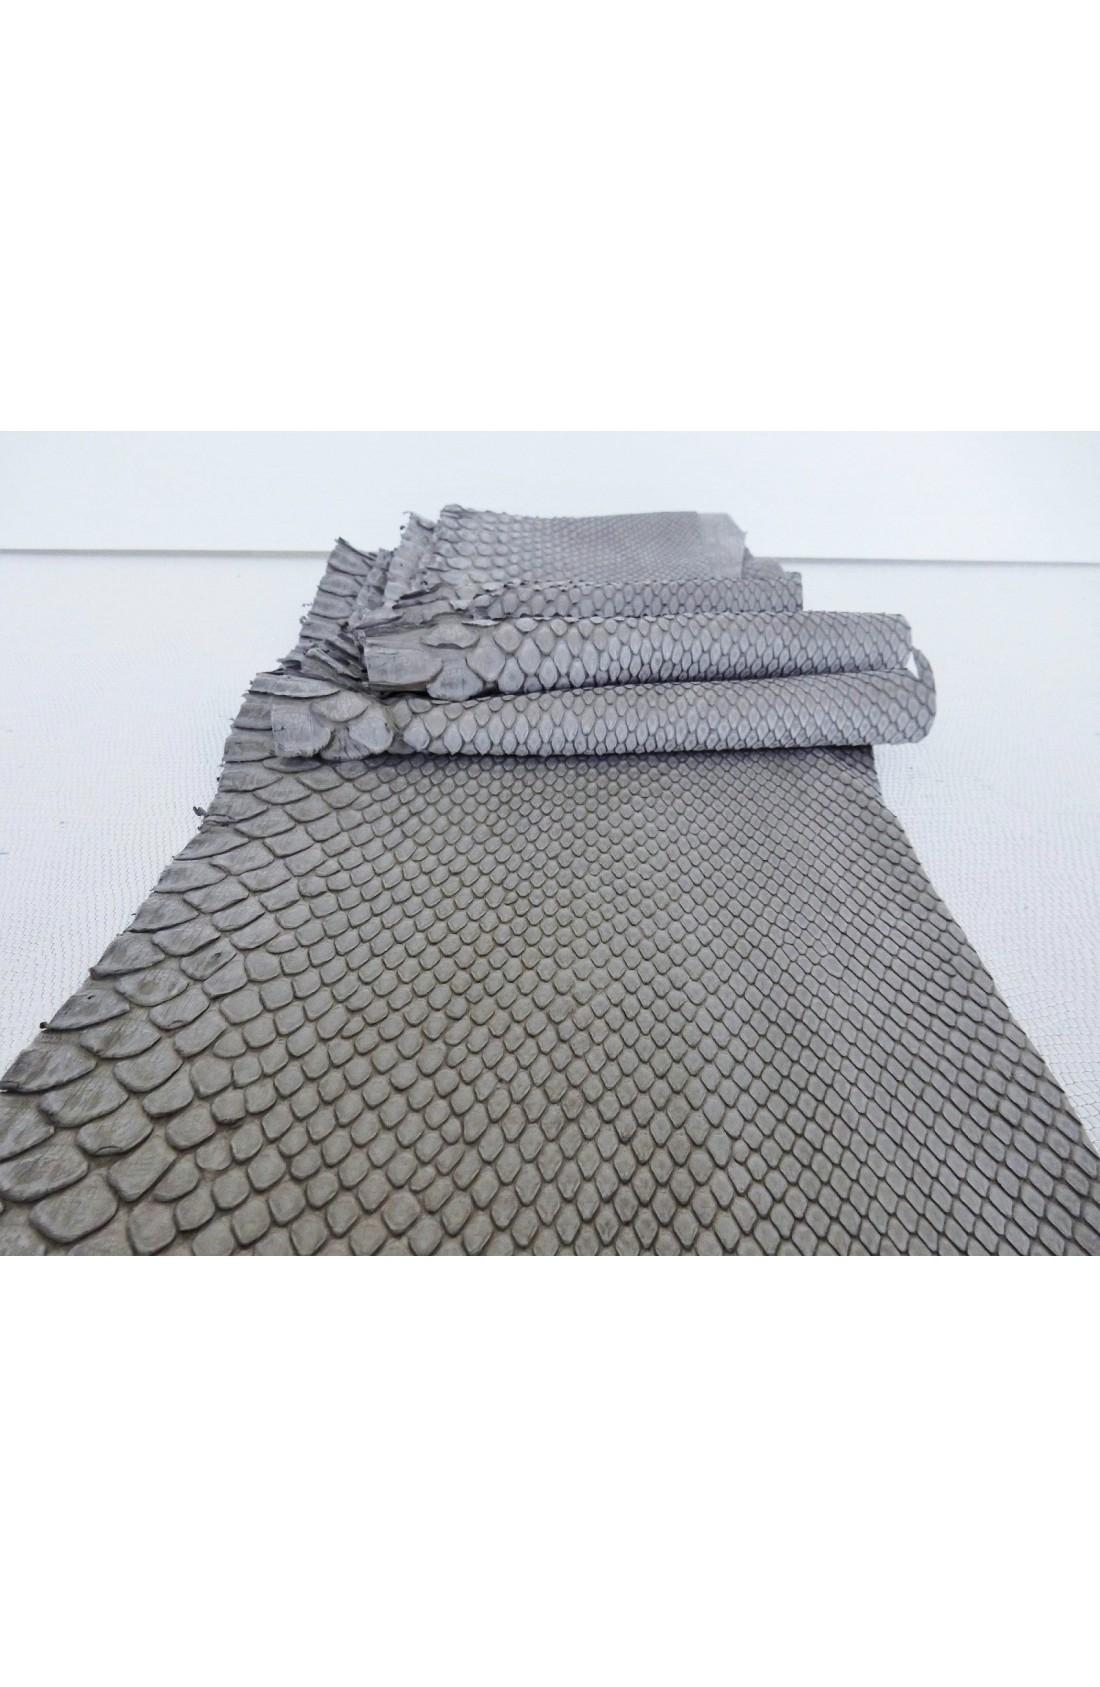 art. 22 PITONE VERO opaco decolorato smerigliato var.12 grigio polvere (1)